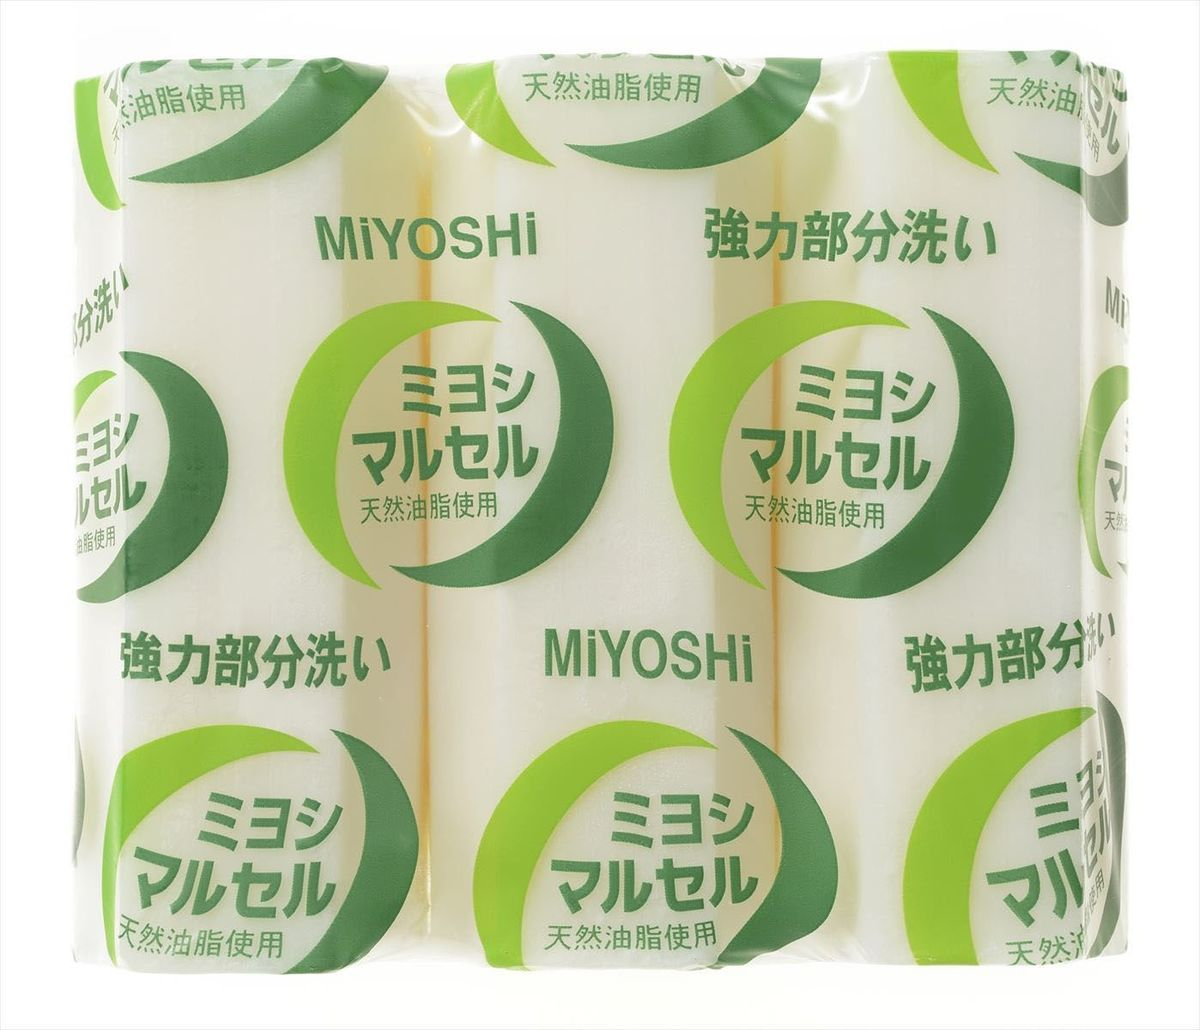 Мыло для стирки Miyoshi Miyosh, для точечного застирывания стойких загрязнений. 100660K100Мыло предназначено специально для точечного застирывания стойких загрязнений. Отличается высокими отстирывающими свойствами, удаляет стойкие запахи, следы желтизны за счет наличия в составе щелочных компонентов (солей кремниевой кислоты), легко справляется с такими загрязнениями, как грязь, жир, машинное масло. Твердое, без красителей, со слабо выраженным ароматом. Меры предосторожности: Используйте строго по назначению. Не для стирки шелка и шерсти. Людям с повышенной чувствительностью кожи, а также при длительном контакте кожи рук с водой рекомендуется использовать резиновые перчатки. Избегайте попадания в глаза мыльного раствора, при попадании немедленно промойте глаза водой. После использования храните мыло в сухом месте. Состав: чистая (без примесей) мыльная основа (натриевая соль с содержанием жирных кислот 78%), щелочные компоненты (силикаты).